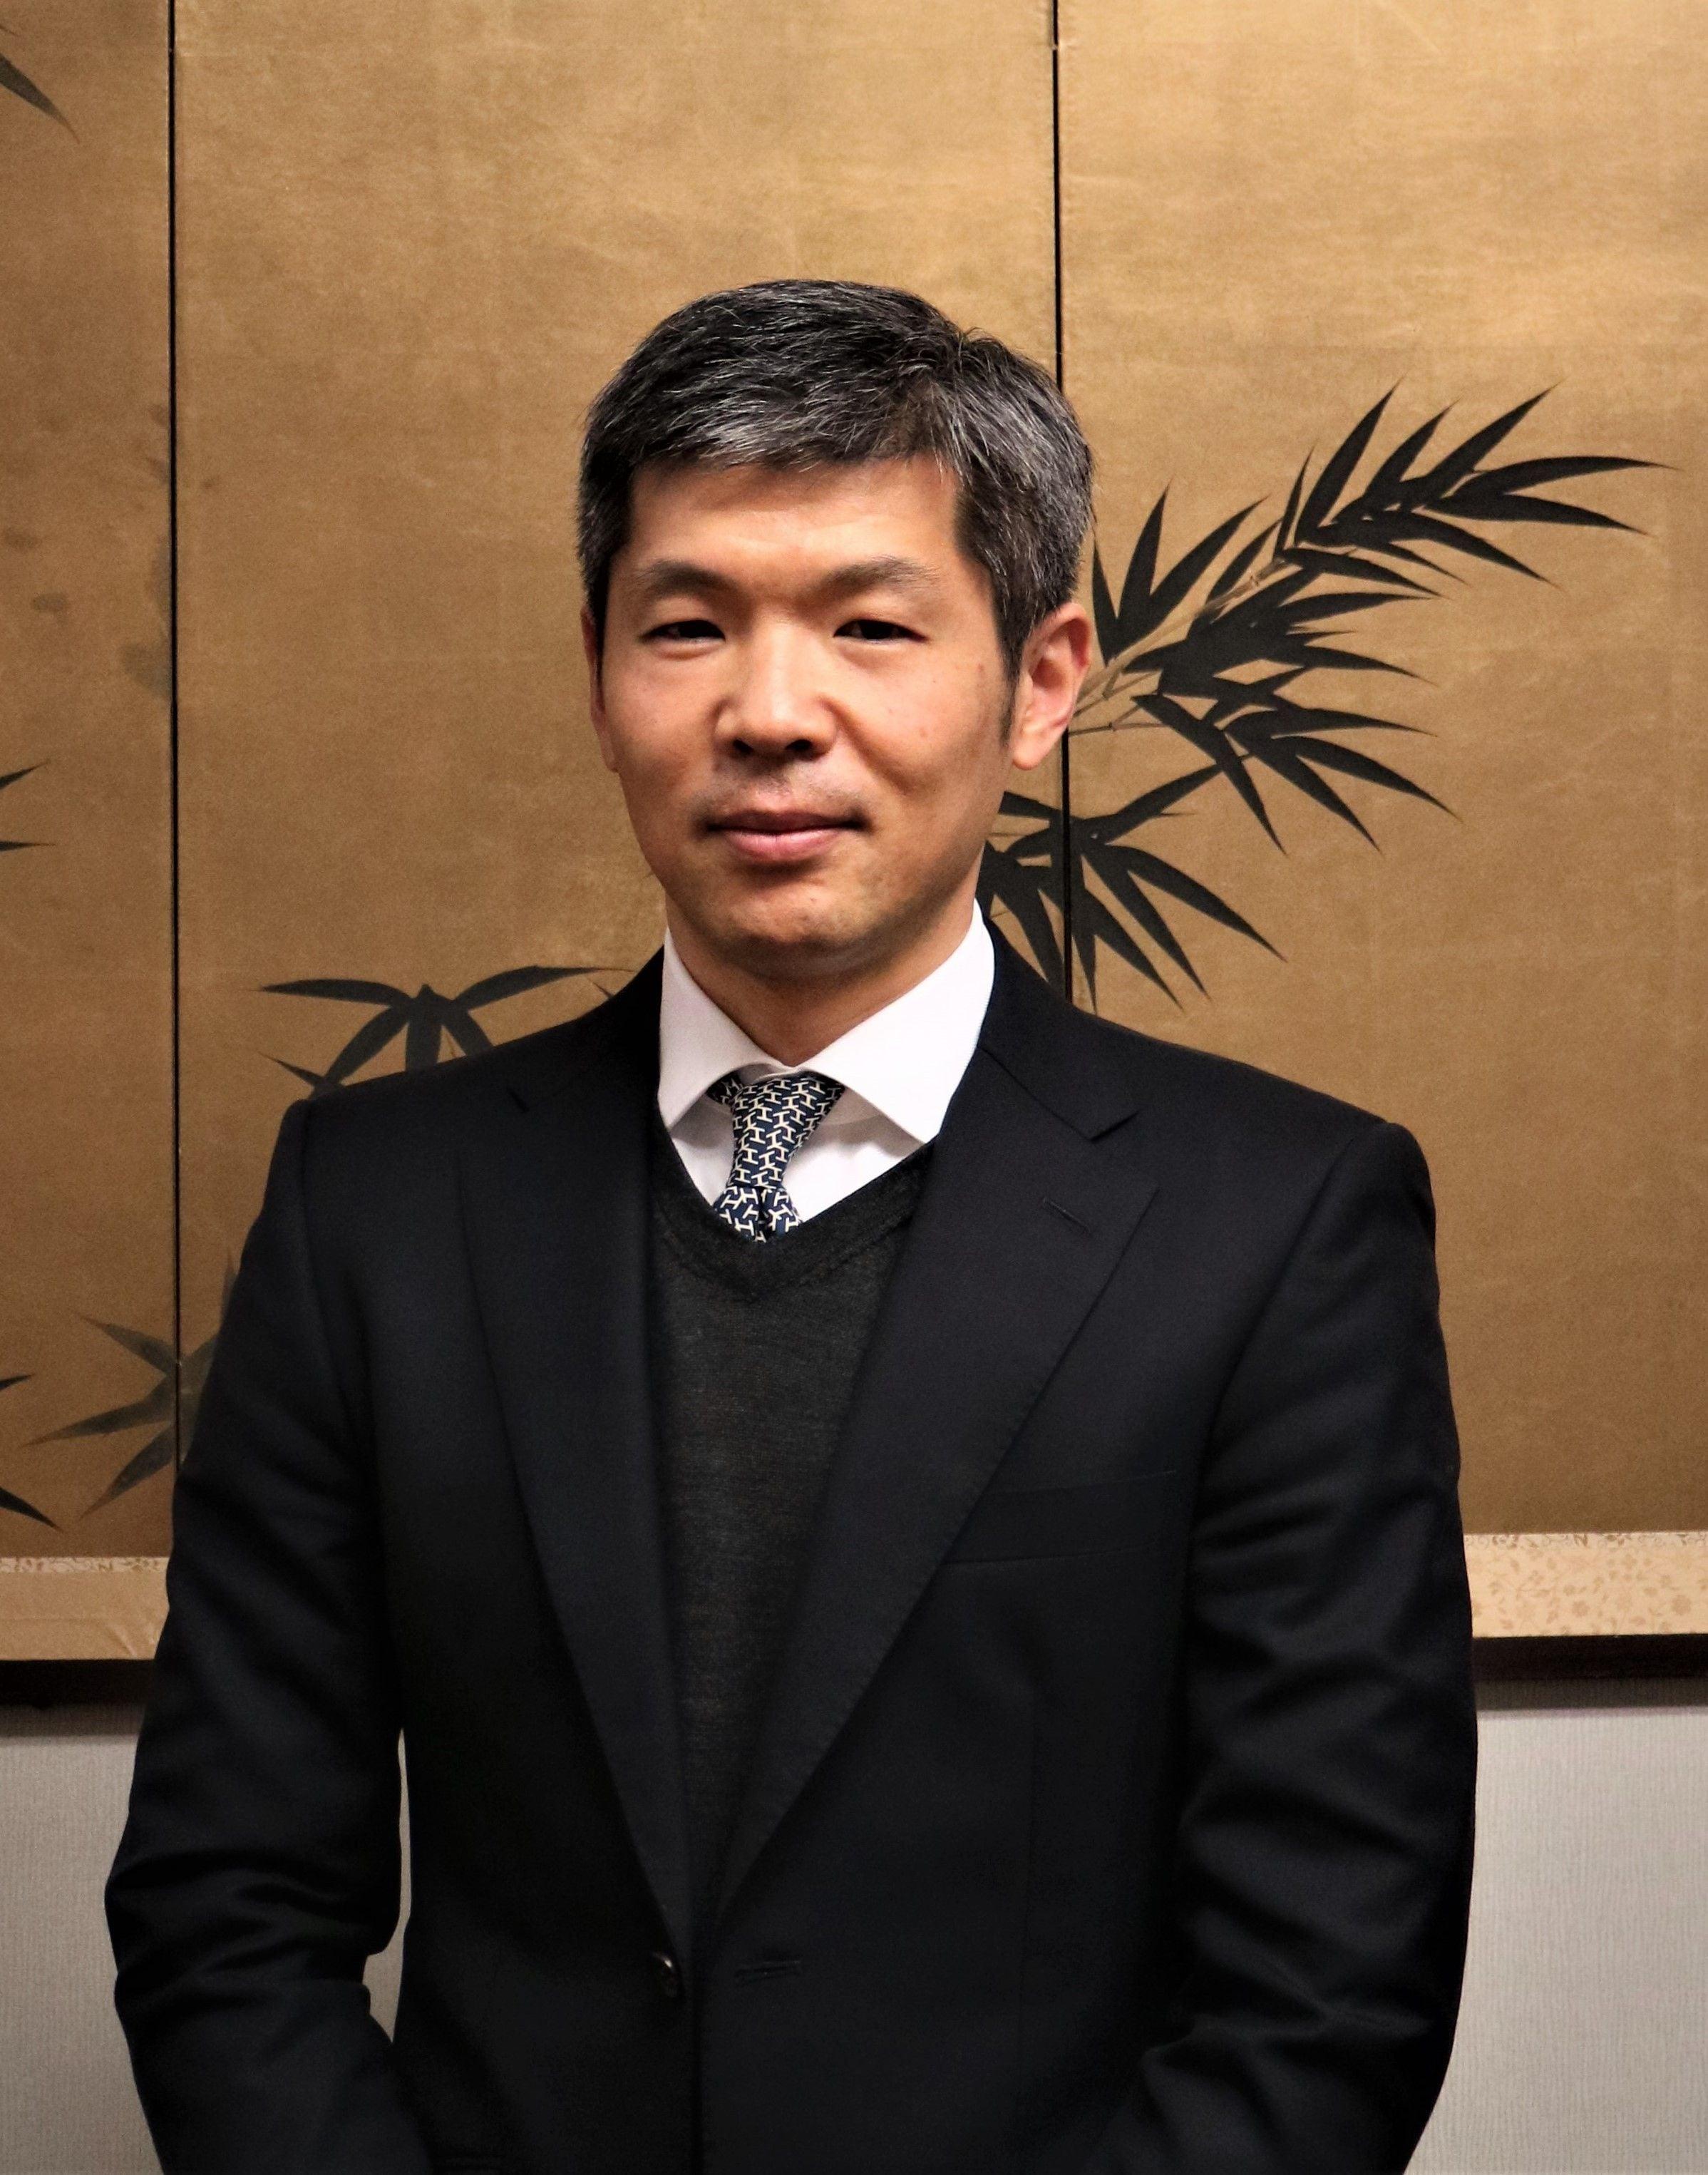 トランプ政権始動で日本経済の行方は? 金融情報でビジネス脳を鍛える方法